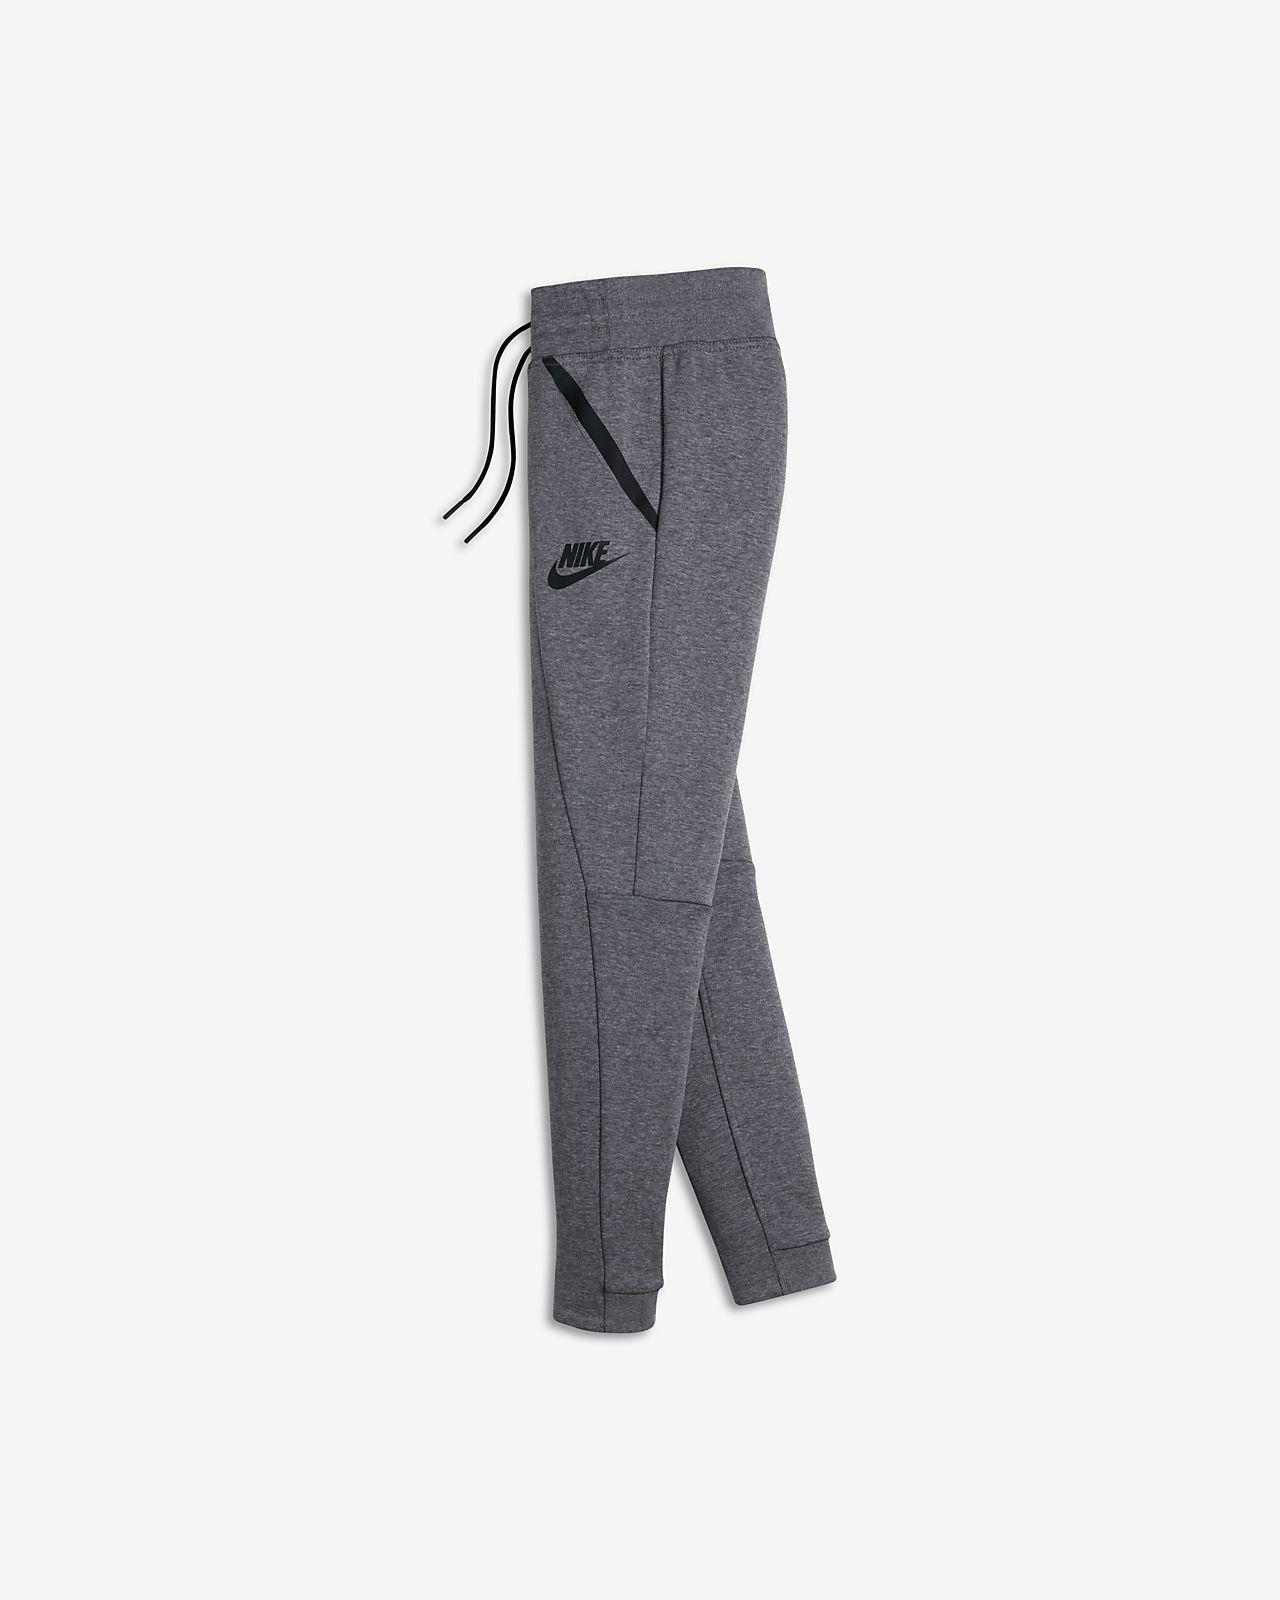 a6175c8957d Nike Sportswear Tech Fleece Big Kids  (Girls ) Pants - M (10-12 ...